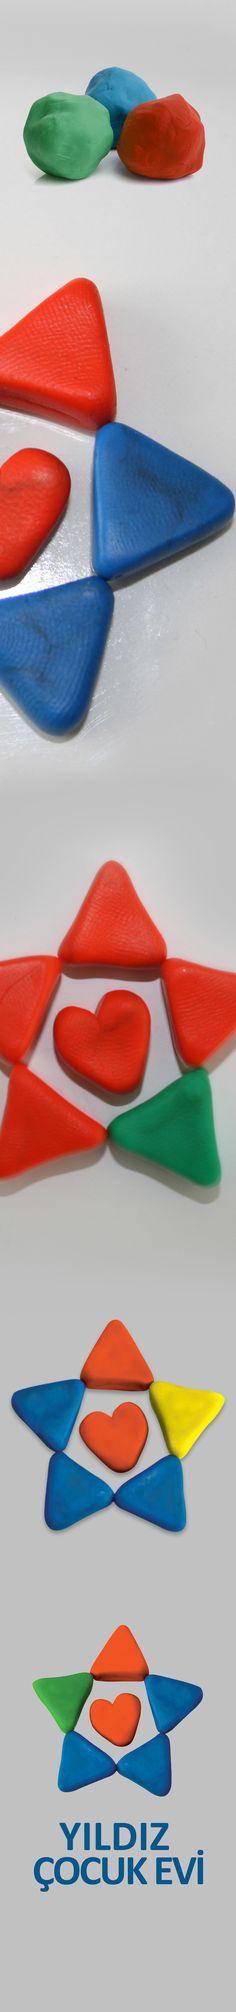 yıldız çocuk evi logo tasarımı / atezer